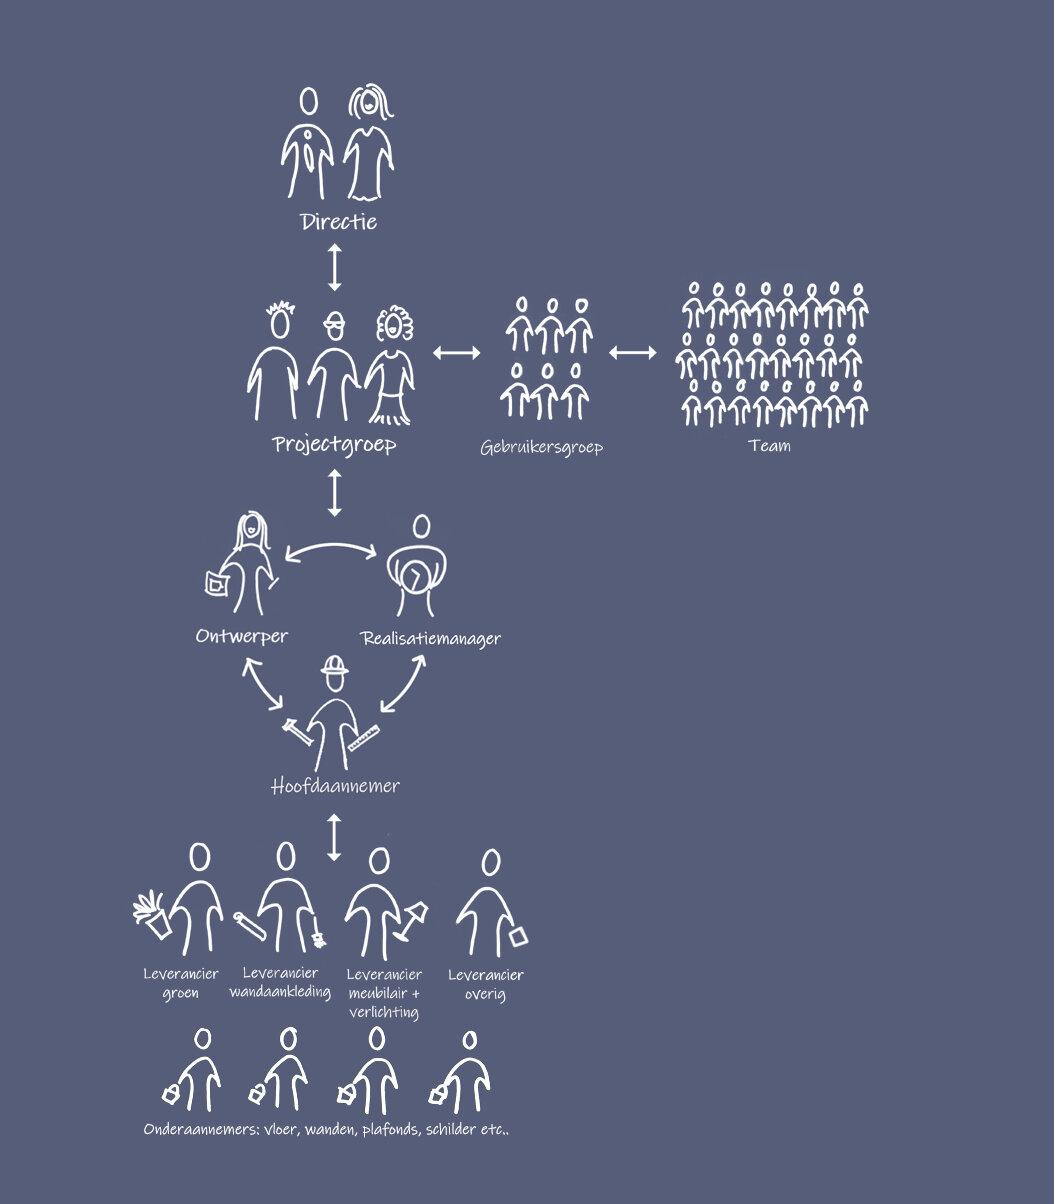 bouwteam - Essentieel voor het maken van een happy workplace in een bouwteam is nauwe samenwerking en vertrouwen tussen opdrachtgever, realisatiemanager, ontwerper en de hoofdaannemer.De realisatiemanager en ontwerper zorgen ervoor dat de juiste informatie binnen uw organisatie wordt opgehaald, er draagvlak wordt gecreëerd en het nieuwe werkconcept wordt geïmplementeerd op het gebied van bricks, bytes en behaviour.Bij een bouwteam wordt al na de conceptfase de hoofdaannemer en soms ook een meubelleverancier geselecteerd. Het ontwerp wordt vervolgens uitgewerkt met input van alle specialisten in het team.Gezamenlijk wordt ervoor gezorgd dat het project binnen budget, planning en volgens de gewenste kwaliteit opgeleverd wordt.